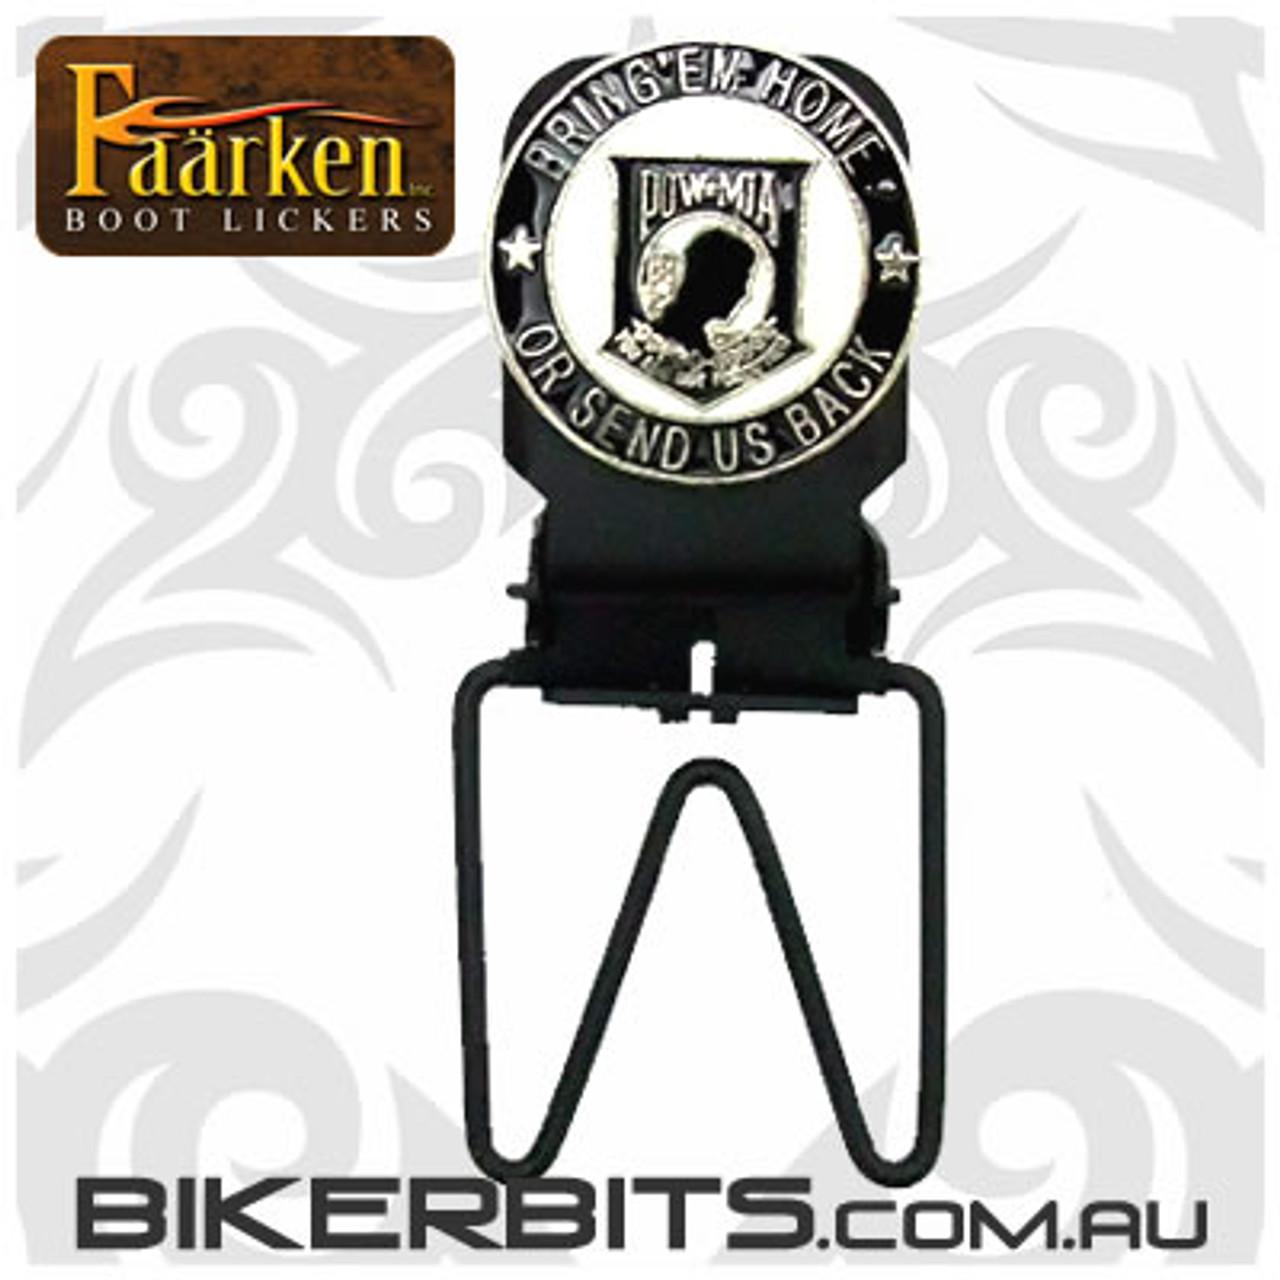 Faarken Biker Boot Lickers - POW